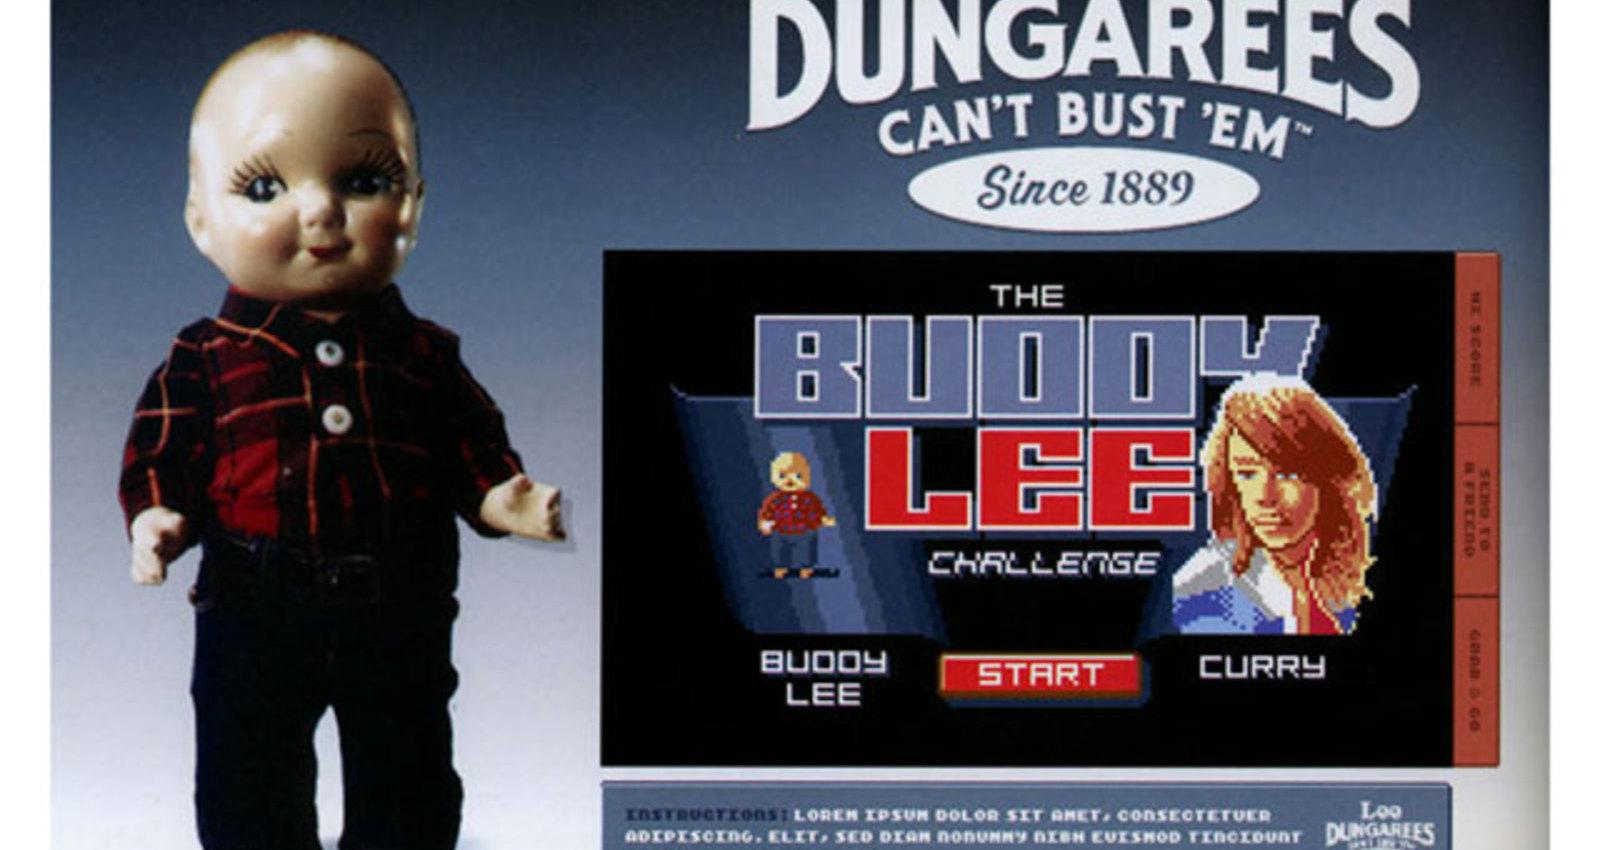 The Buddy Lee Challenge